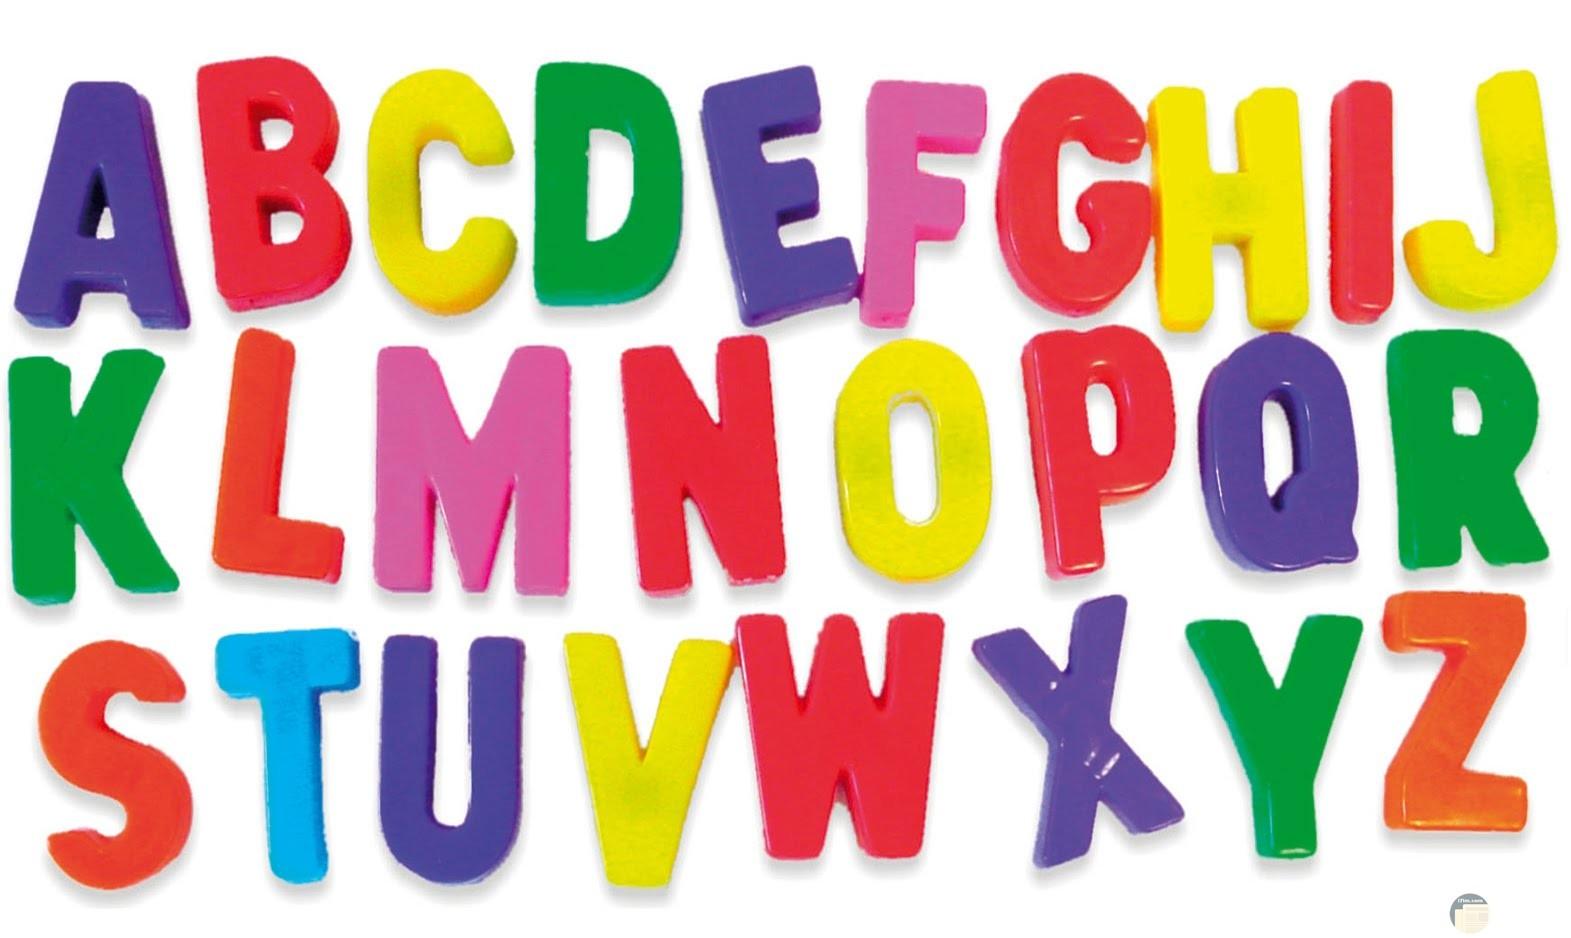 الحروف الانجليزي بالوان متعدده